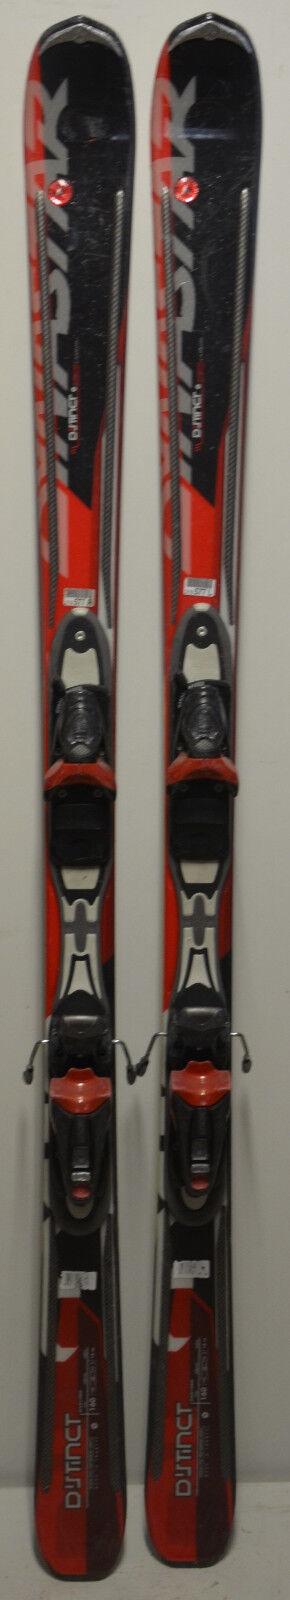 Skis parabolic used DYNASTAR d'Stinct - 63in & 67 11 16in